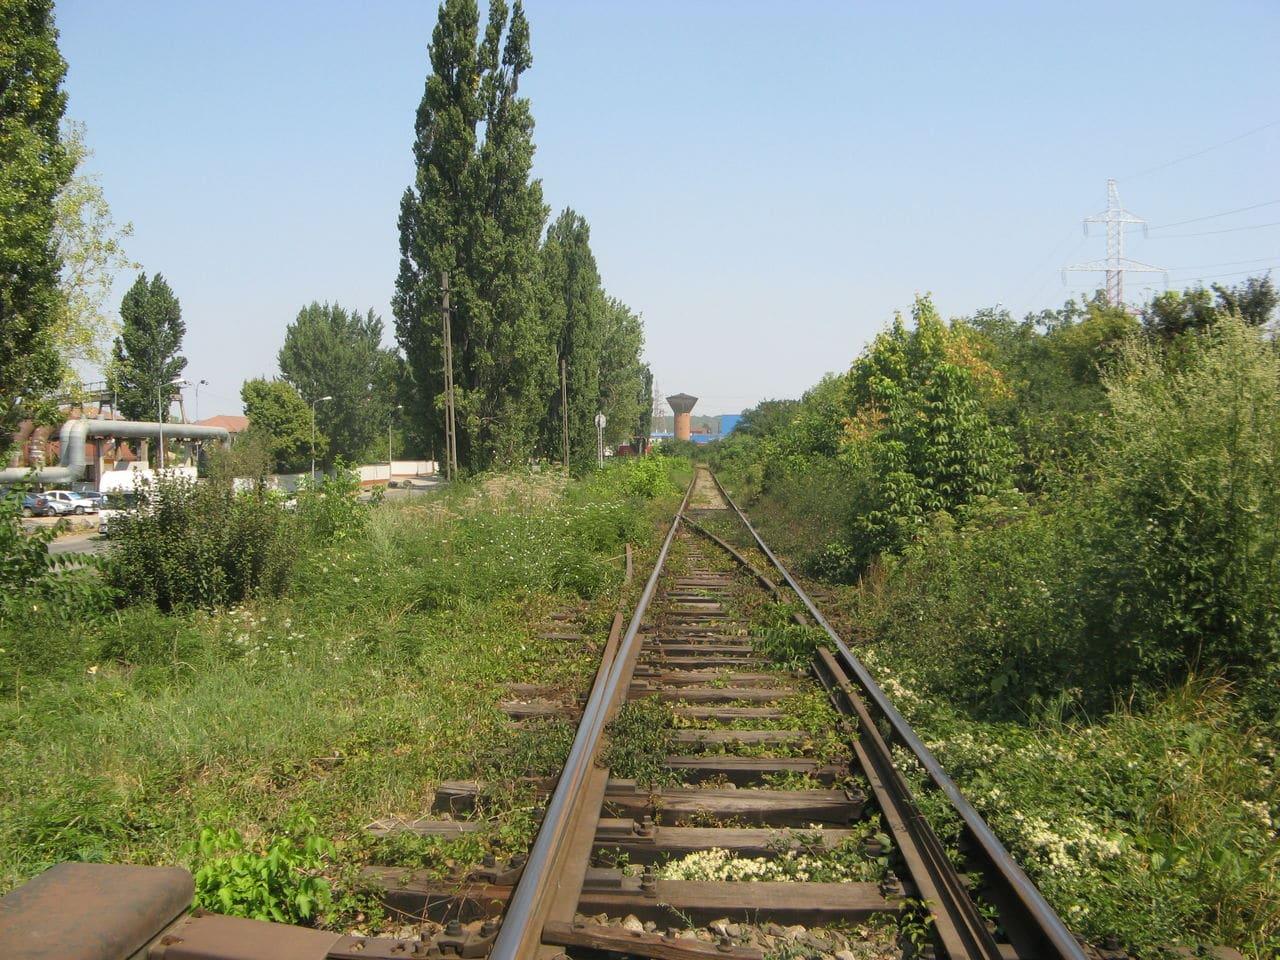 Calea ferată directă Oradea Vest - Episcopia Bihor IMG_0031